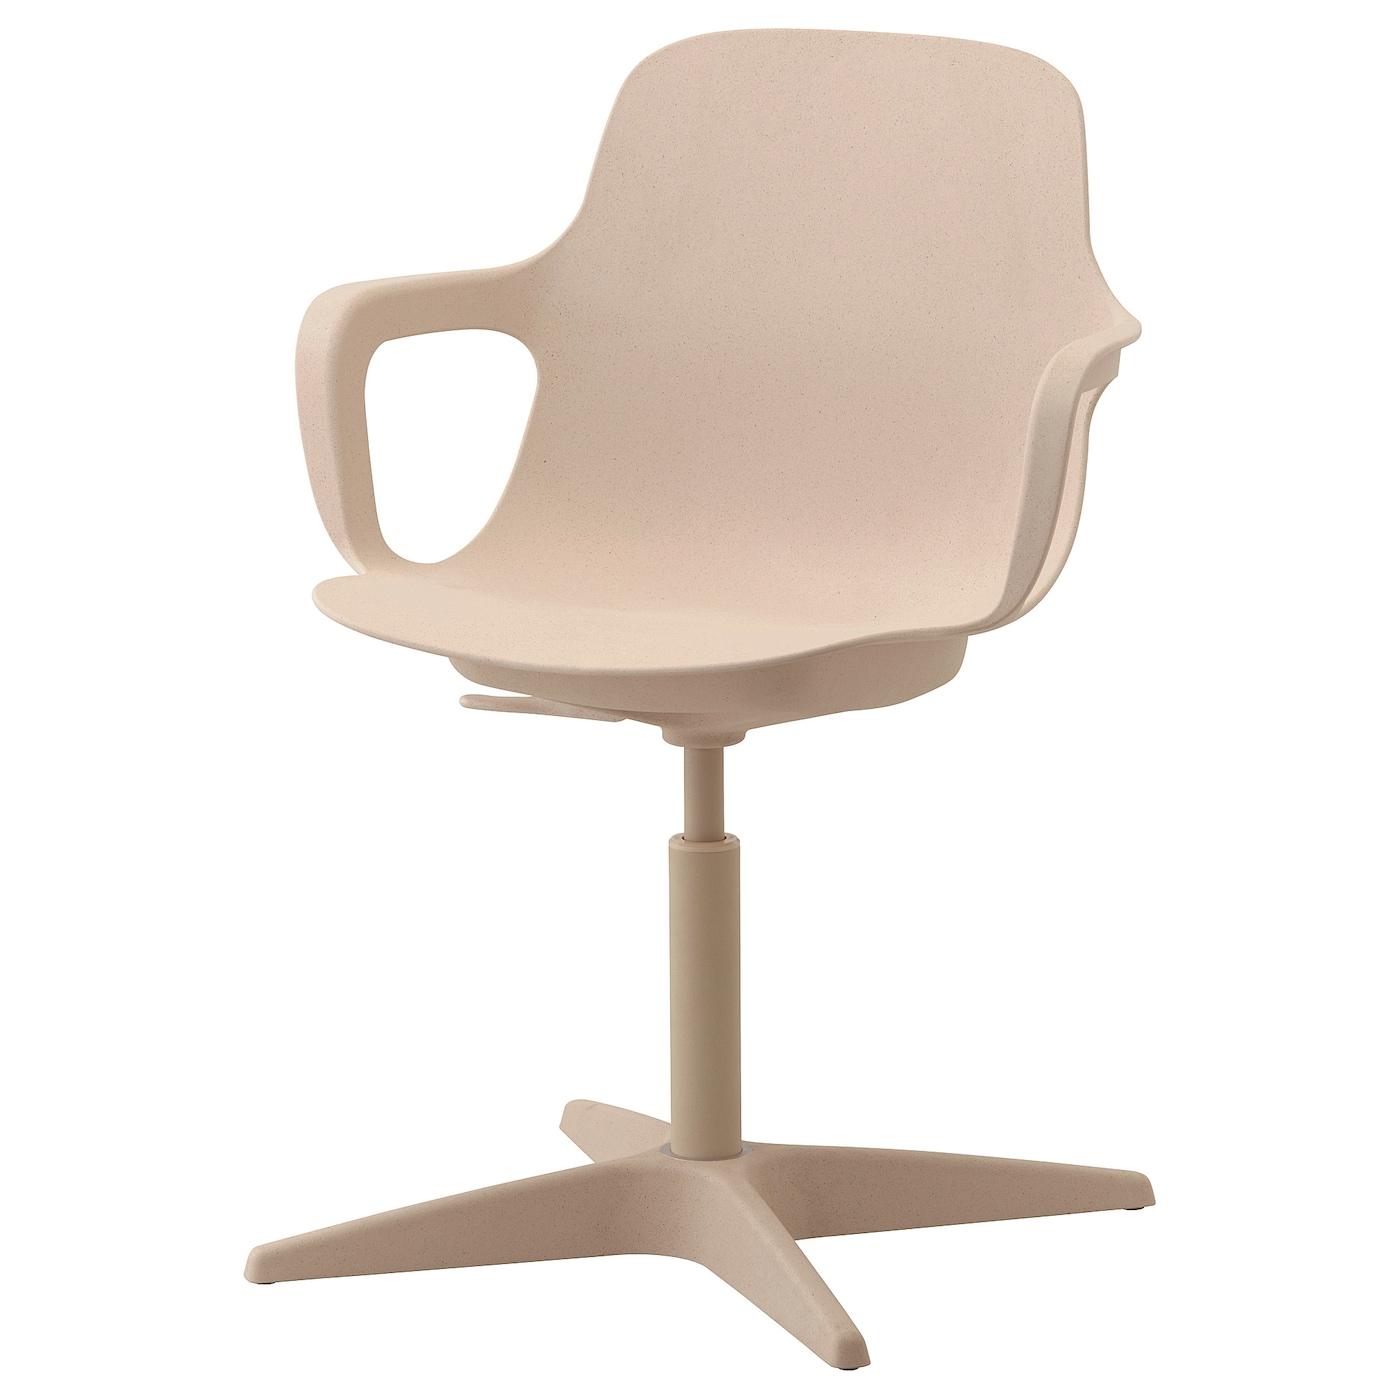 ODGER Swivel chair - white/beige